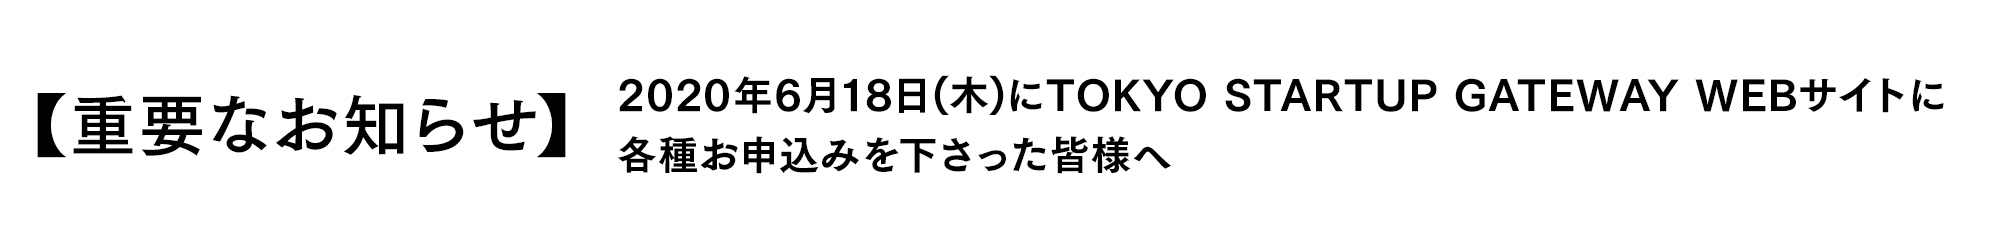 【重要なお知らせ】2020年6月18日(木)にTOKYO STARTUP GATEWAY WEBサイトに各種お申込みを下さった皆様へ